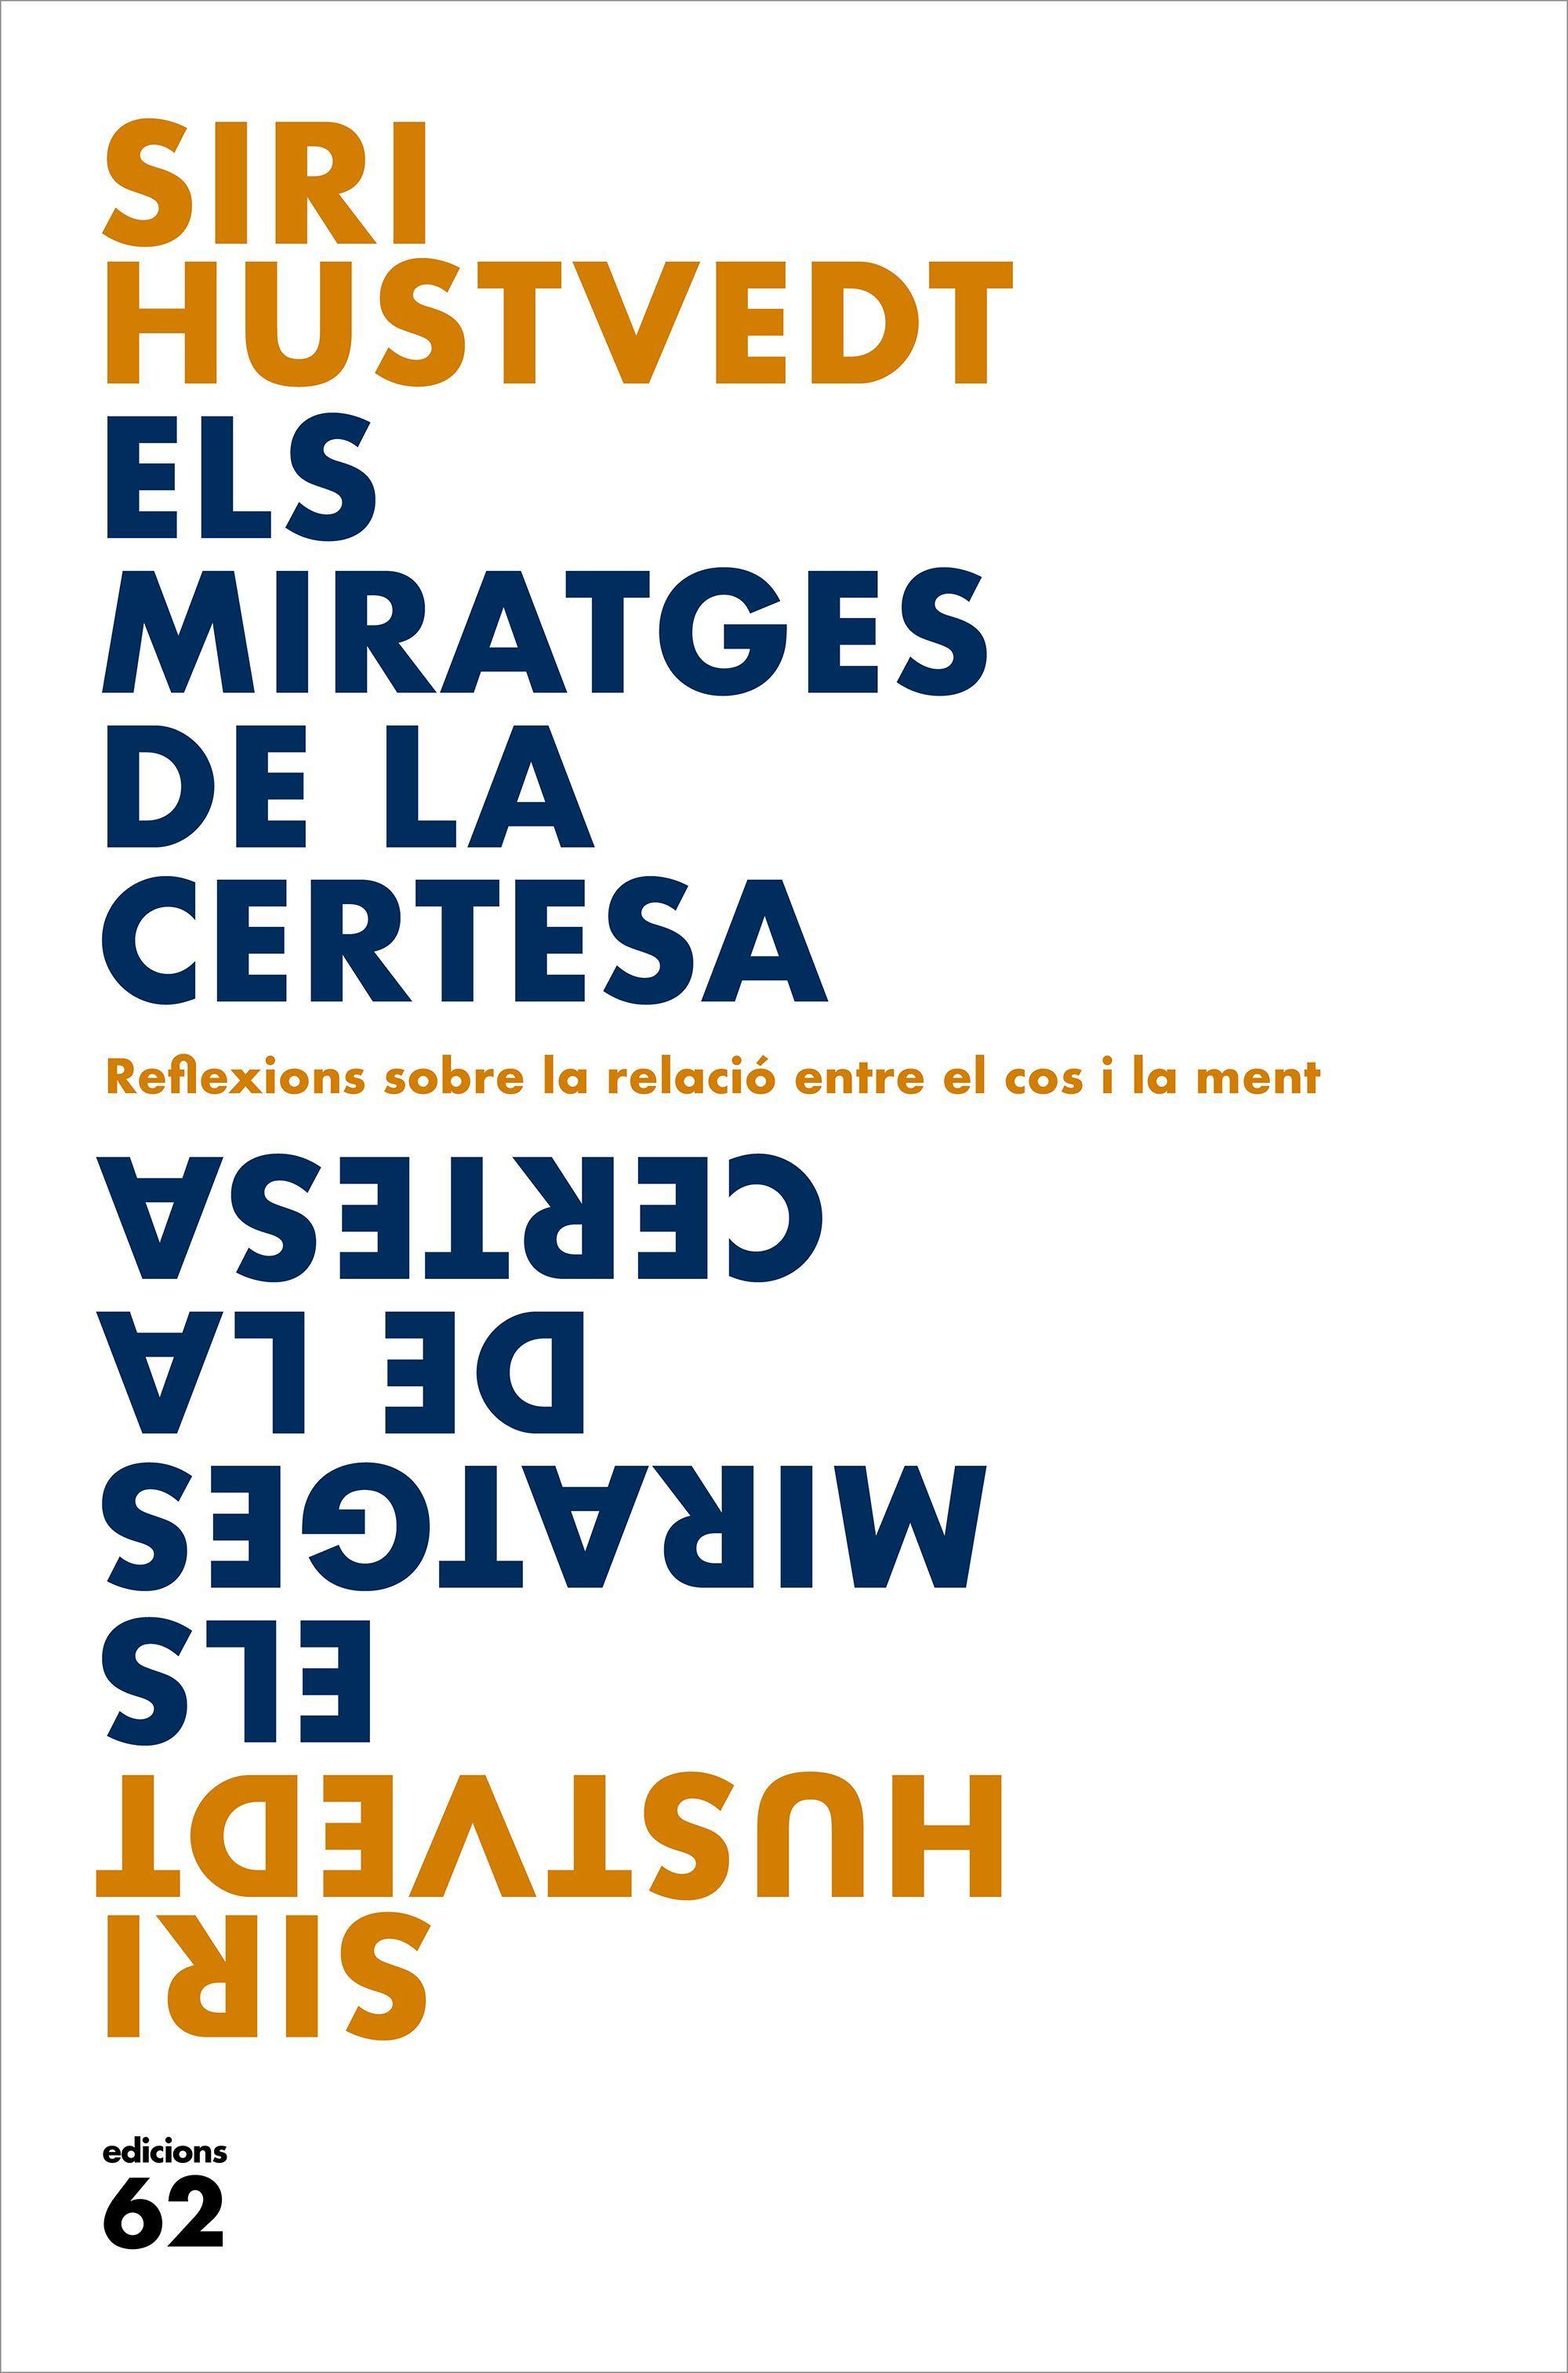 MIRATGES DE LA CERTESA ELS